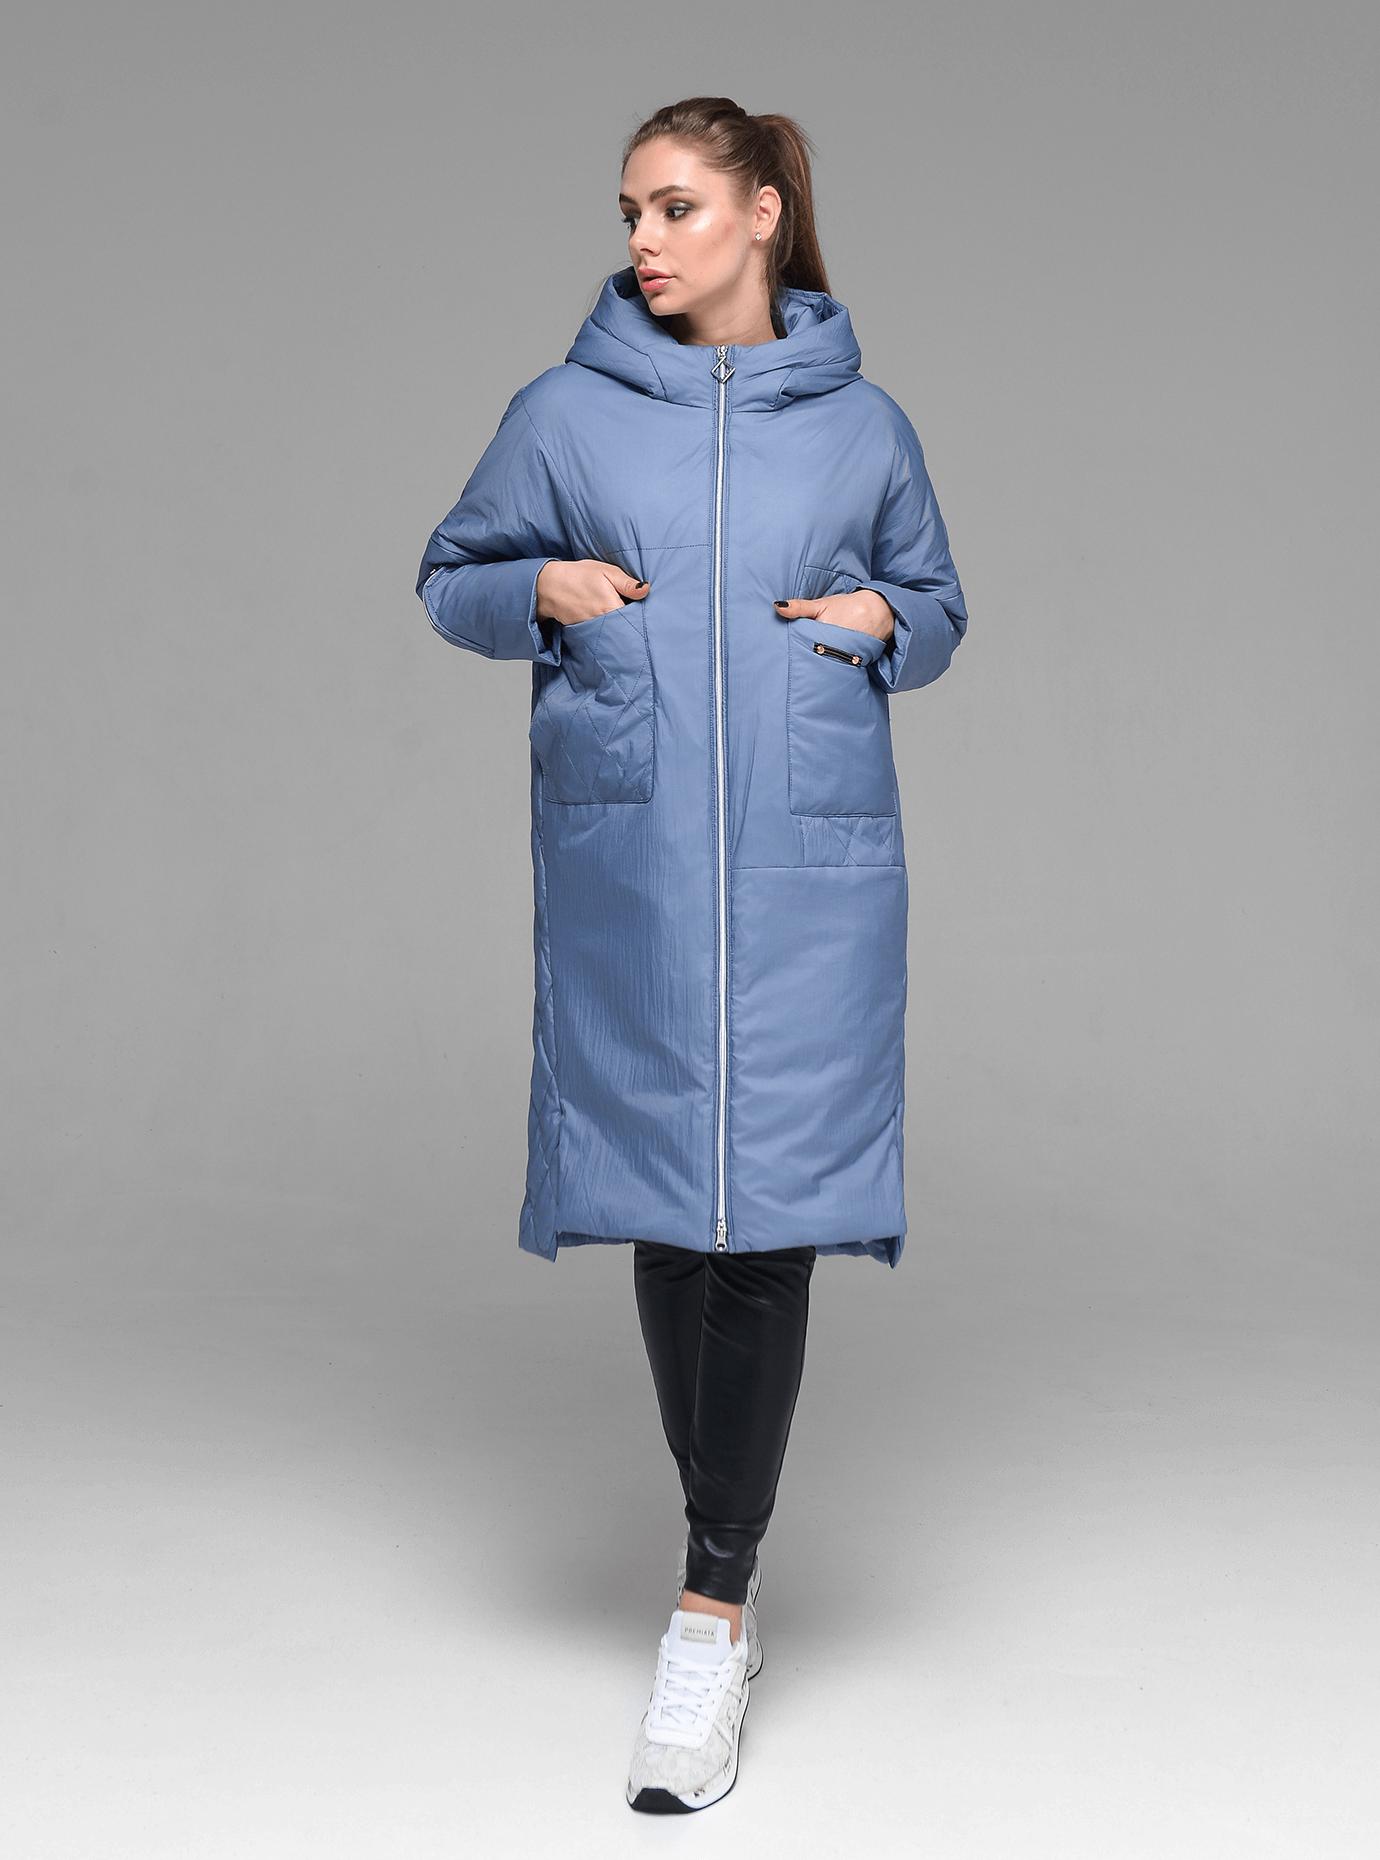 Пальто женское демисезонное стеганое Тёмно голубой M (02-D190102): фото - Alster.ua